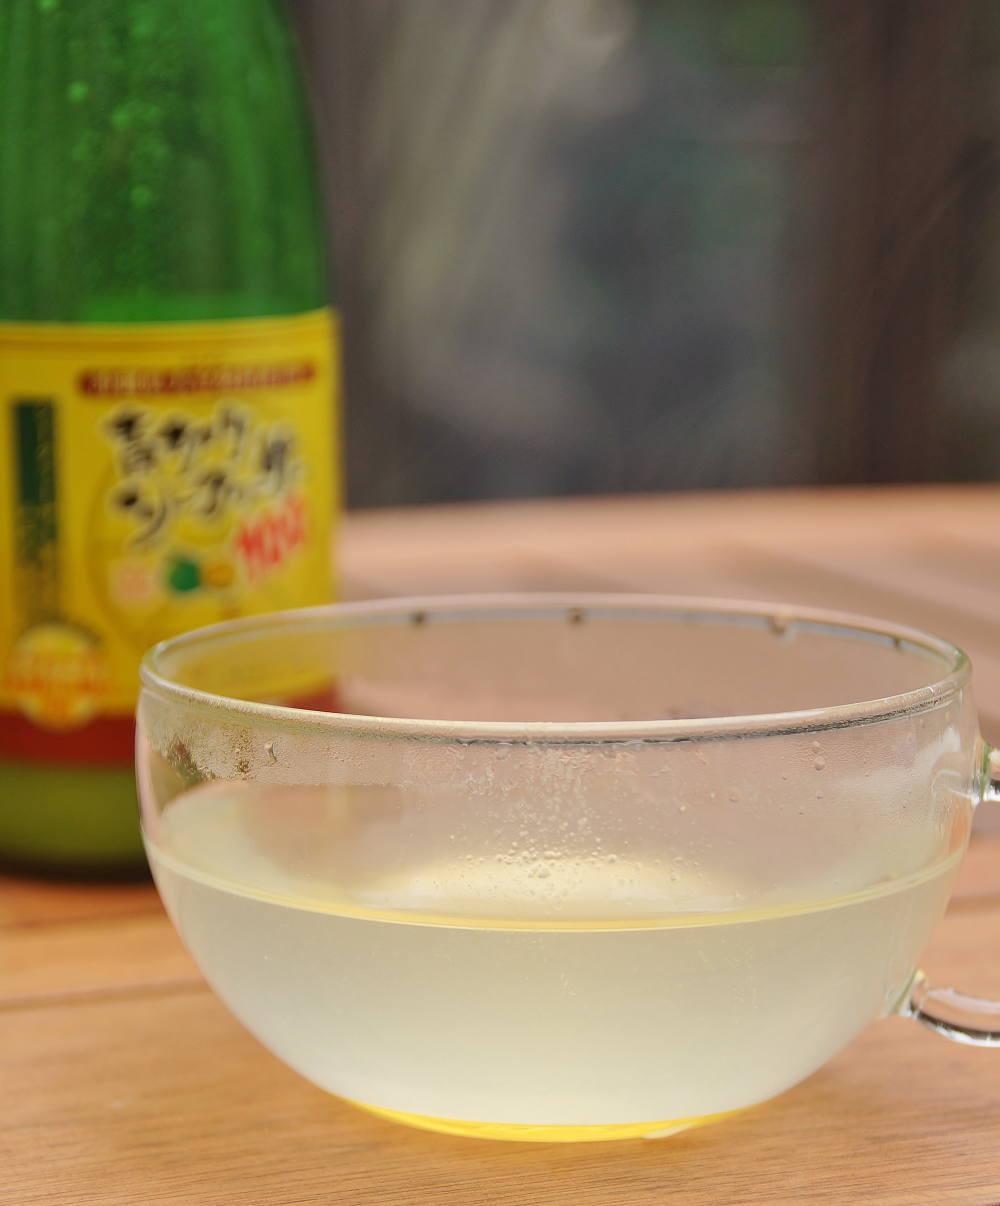 青切りシークヮーサー ブログ 蜂蜜 ホット